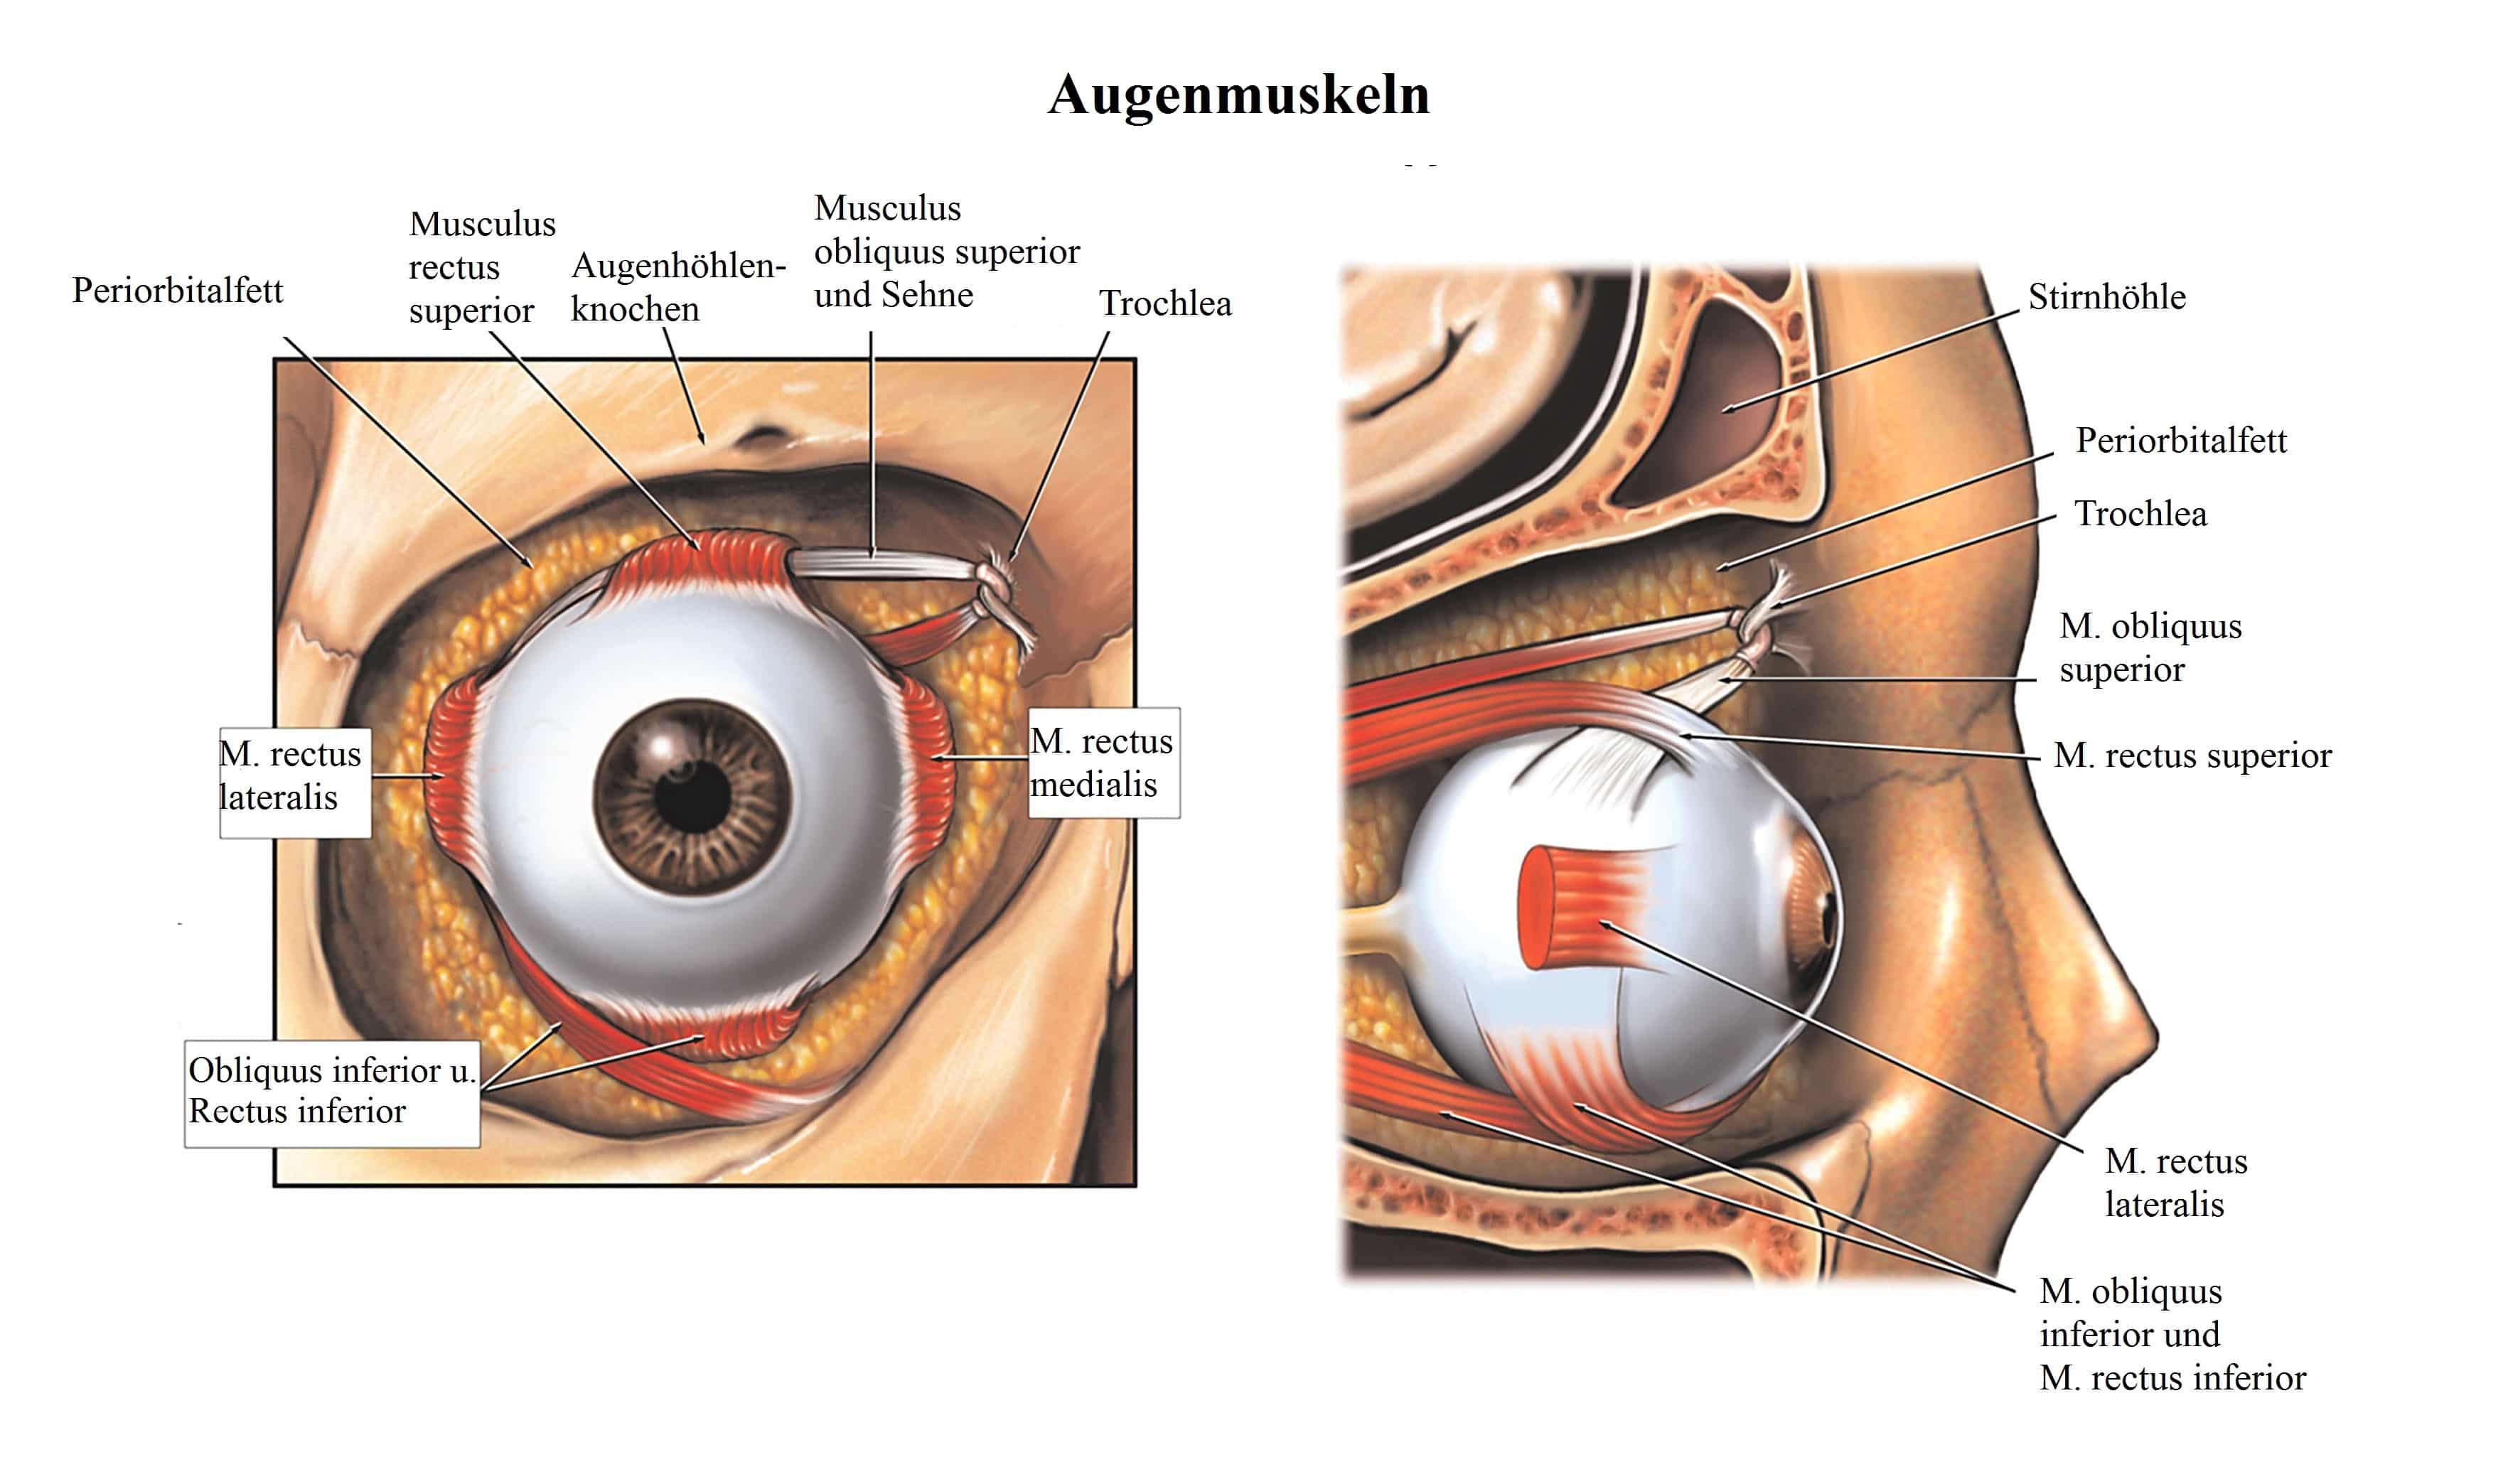 Großzügig Augenmuskeln Anatomie Galerie - Physiologie Von ...